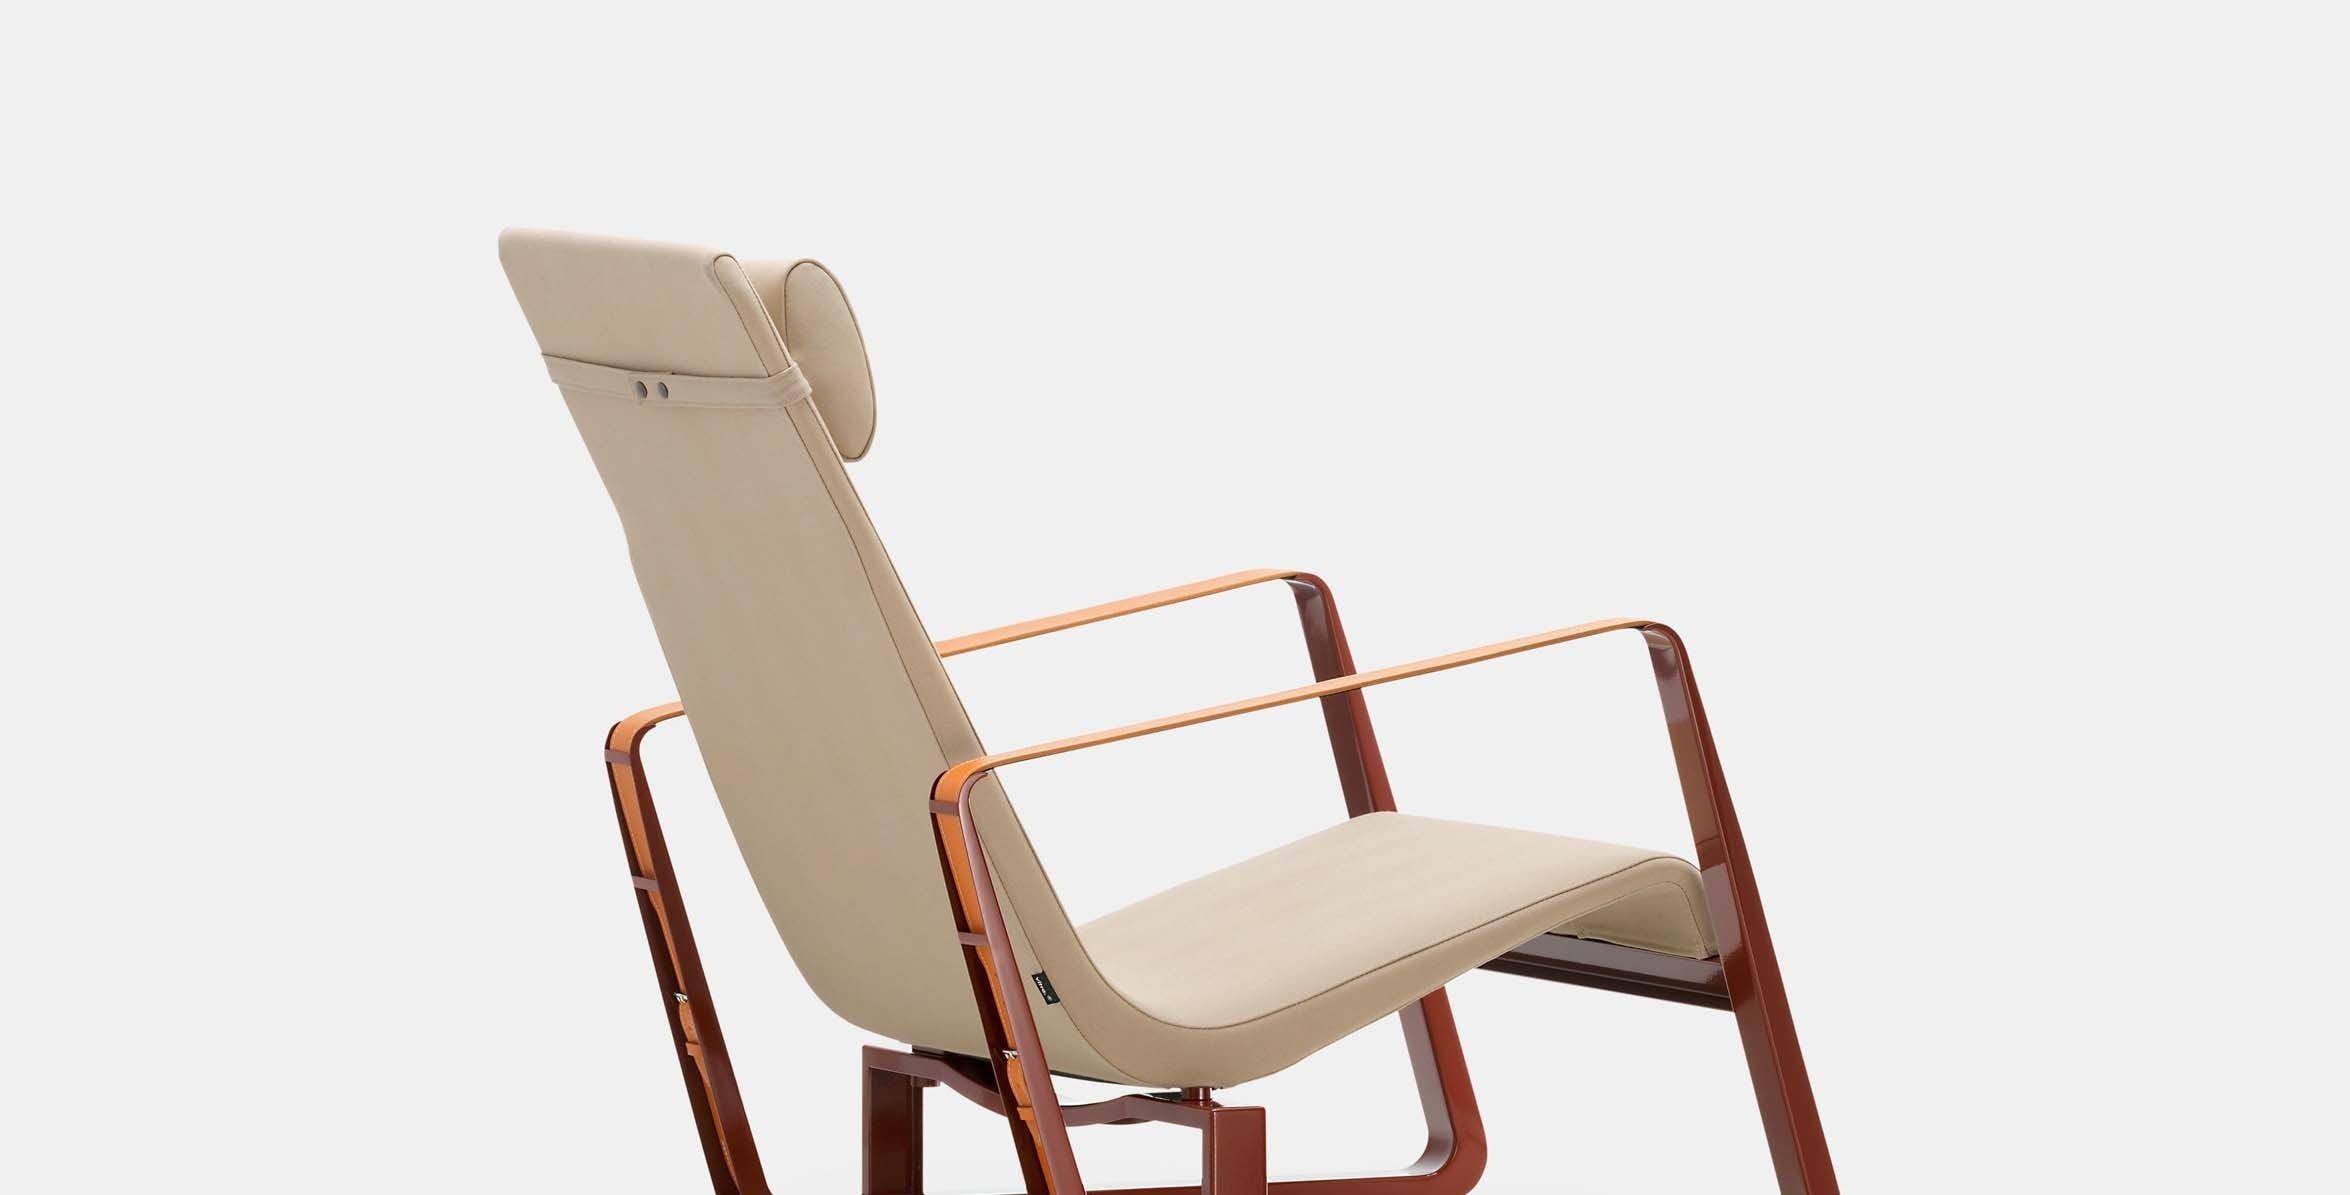 Designers Jean Prouve